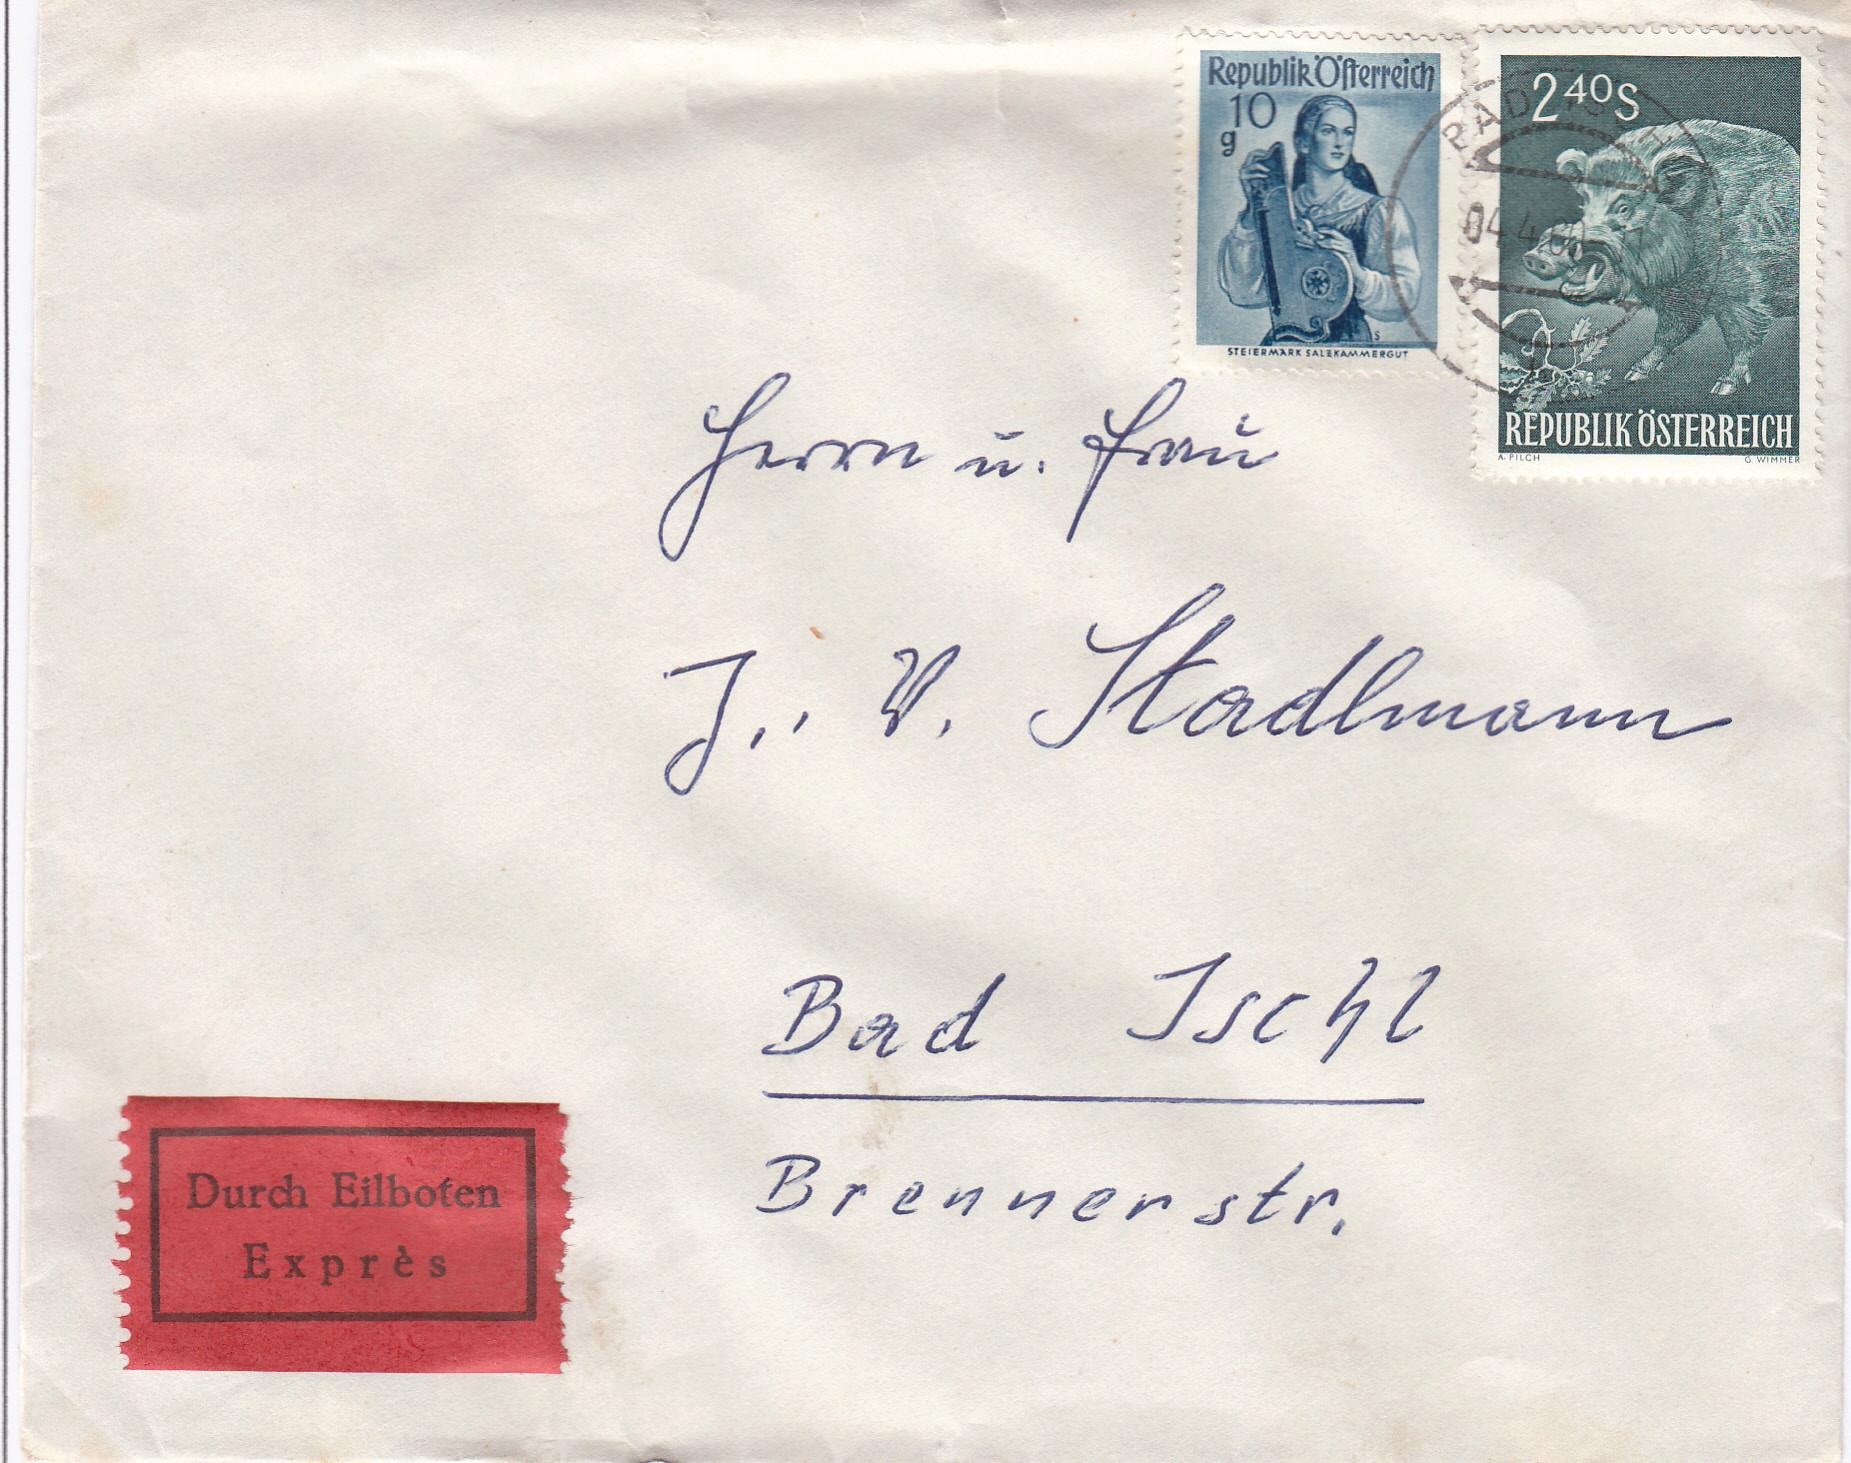 Sammlung Bedarfsbriefe Österreich ab 1945 - Seite 13 Img_0189